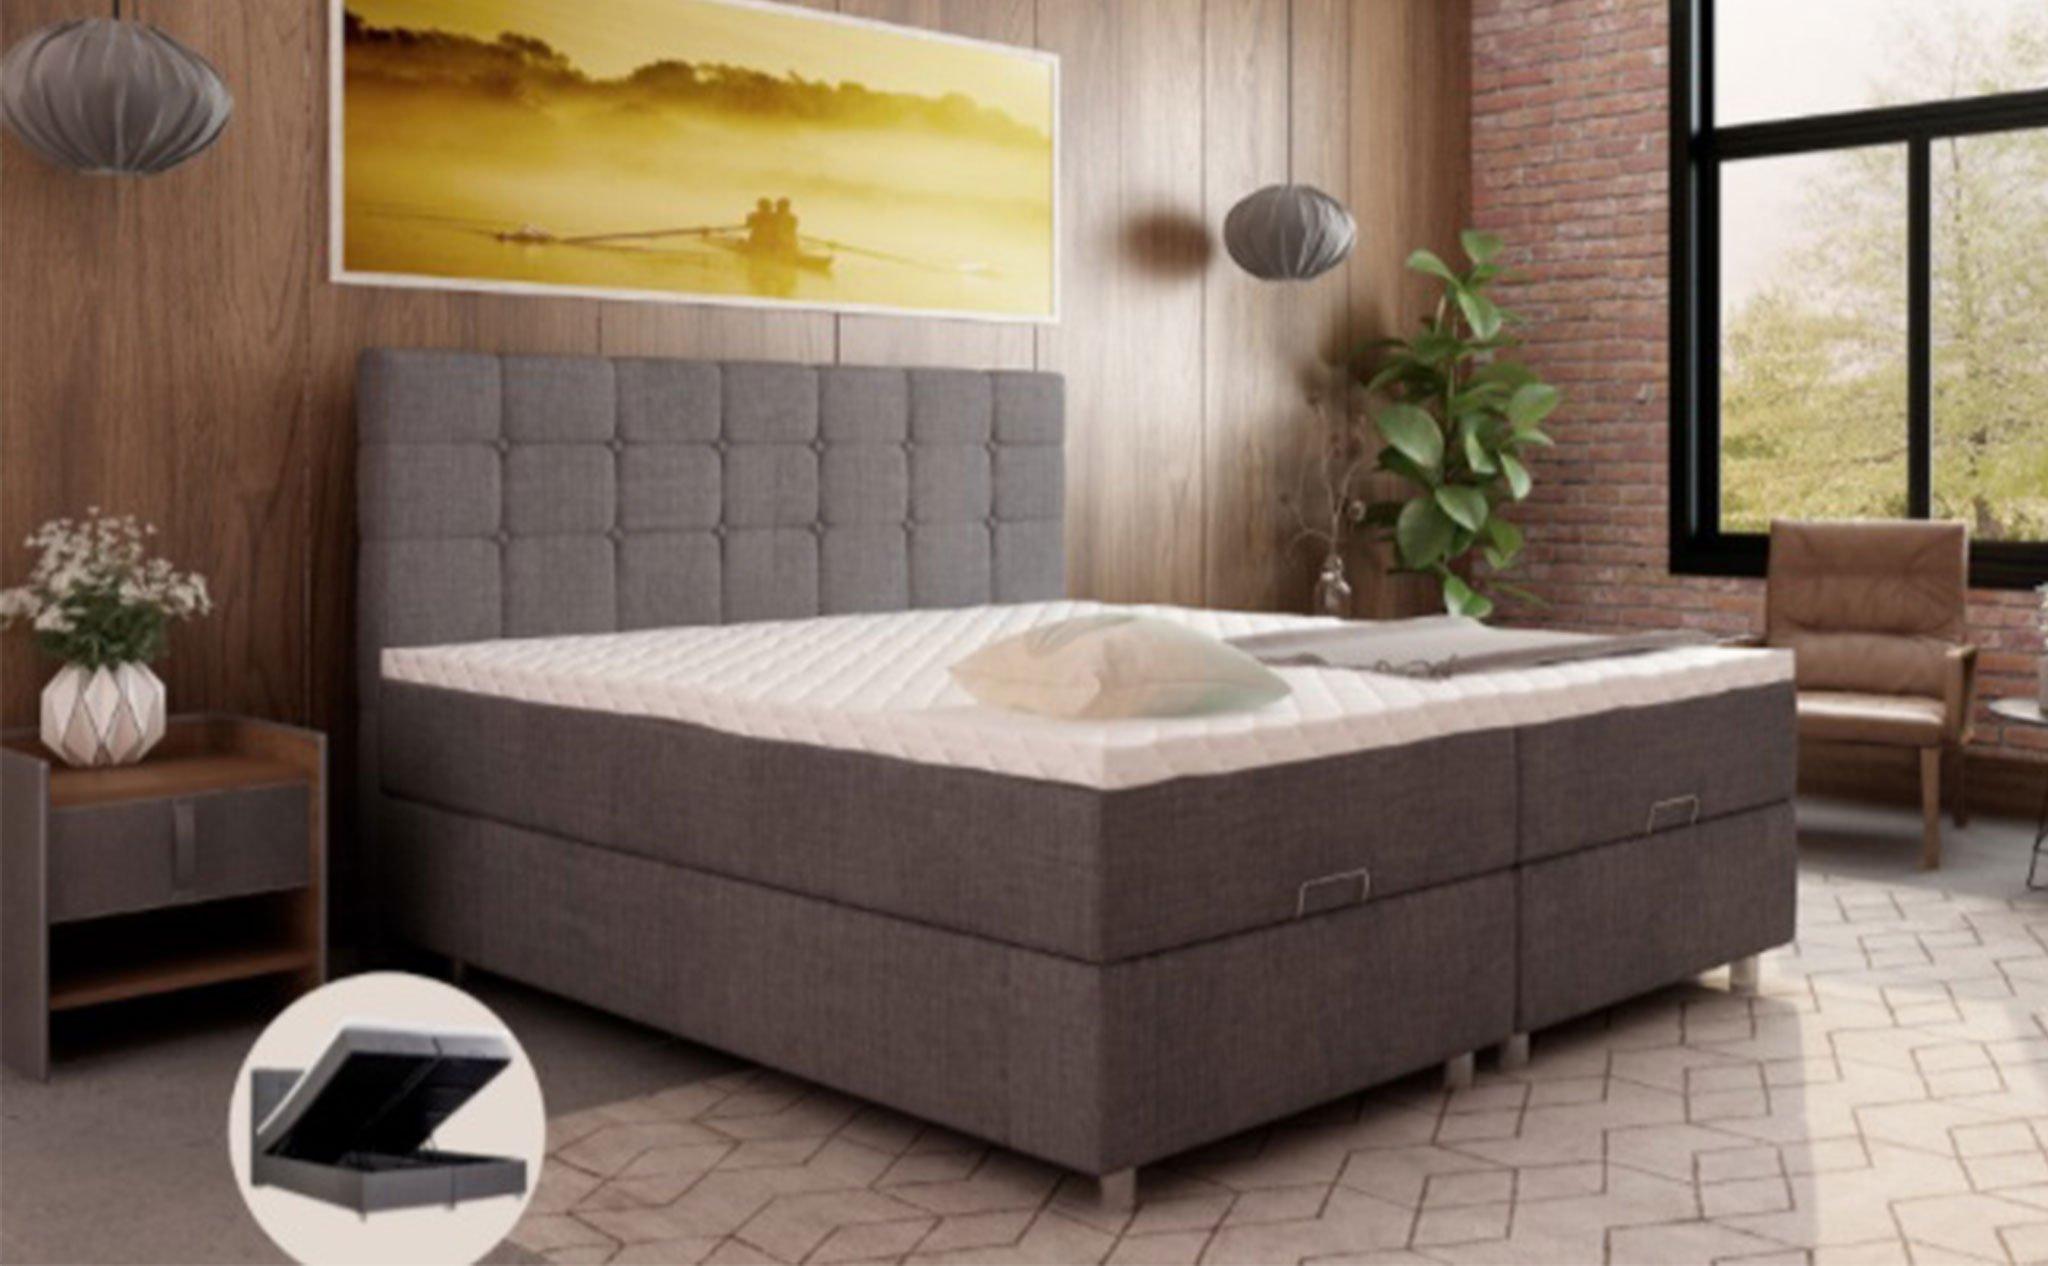 Oferta en canapé con almacenamiento frontal – Amazing Deals Costa Blanca